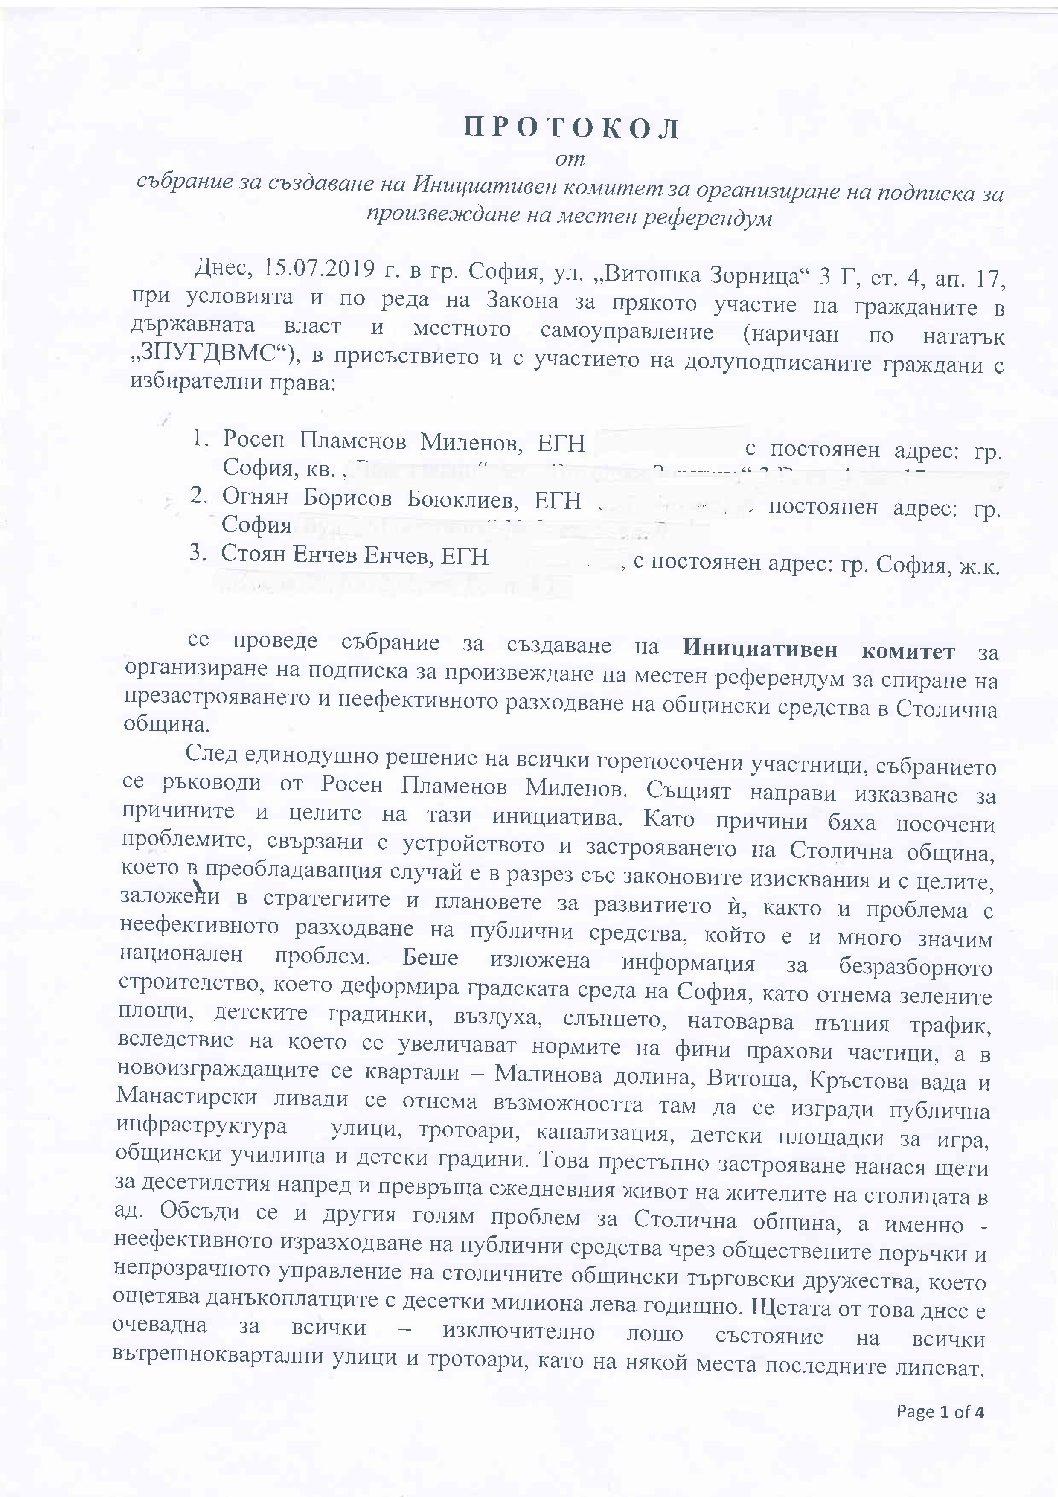 Протокол за създаване на Инициативен комитет за референдум